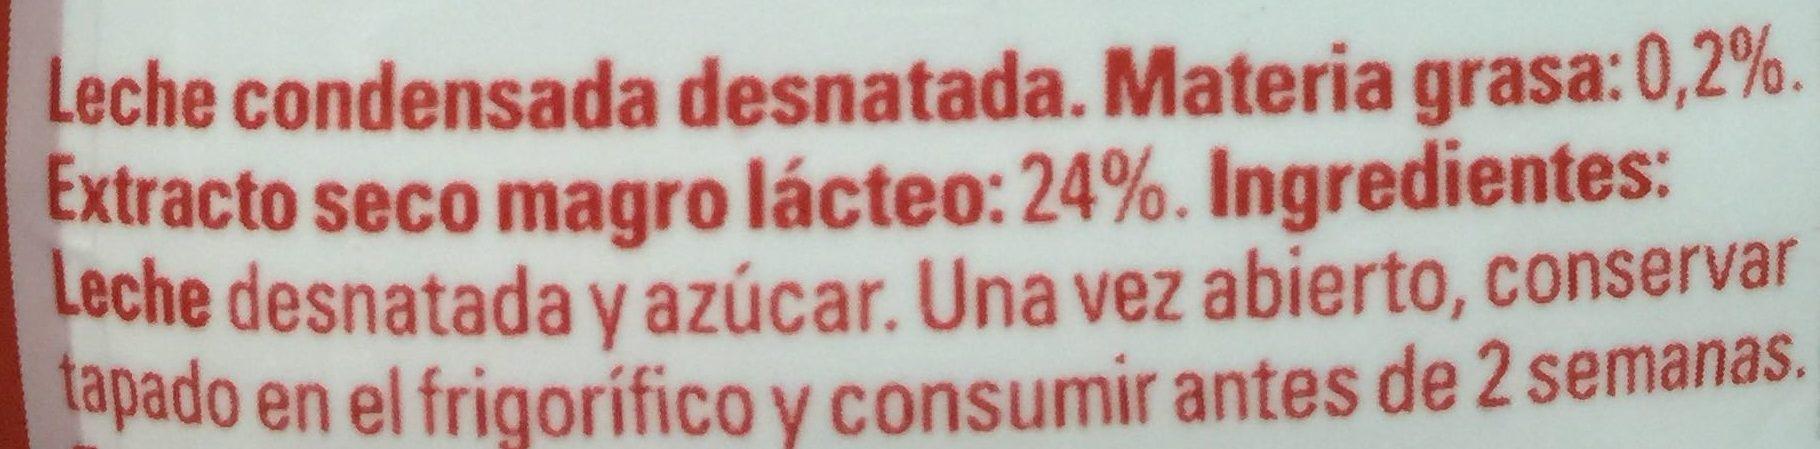 Leche condensada desnatada Nutricia - Ingrédients - es